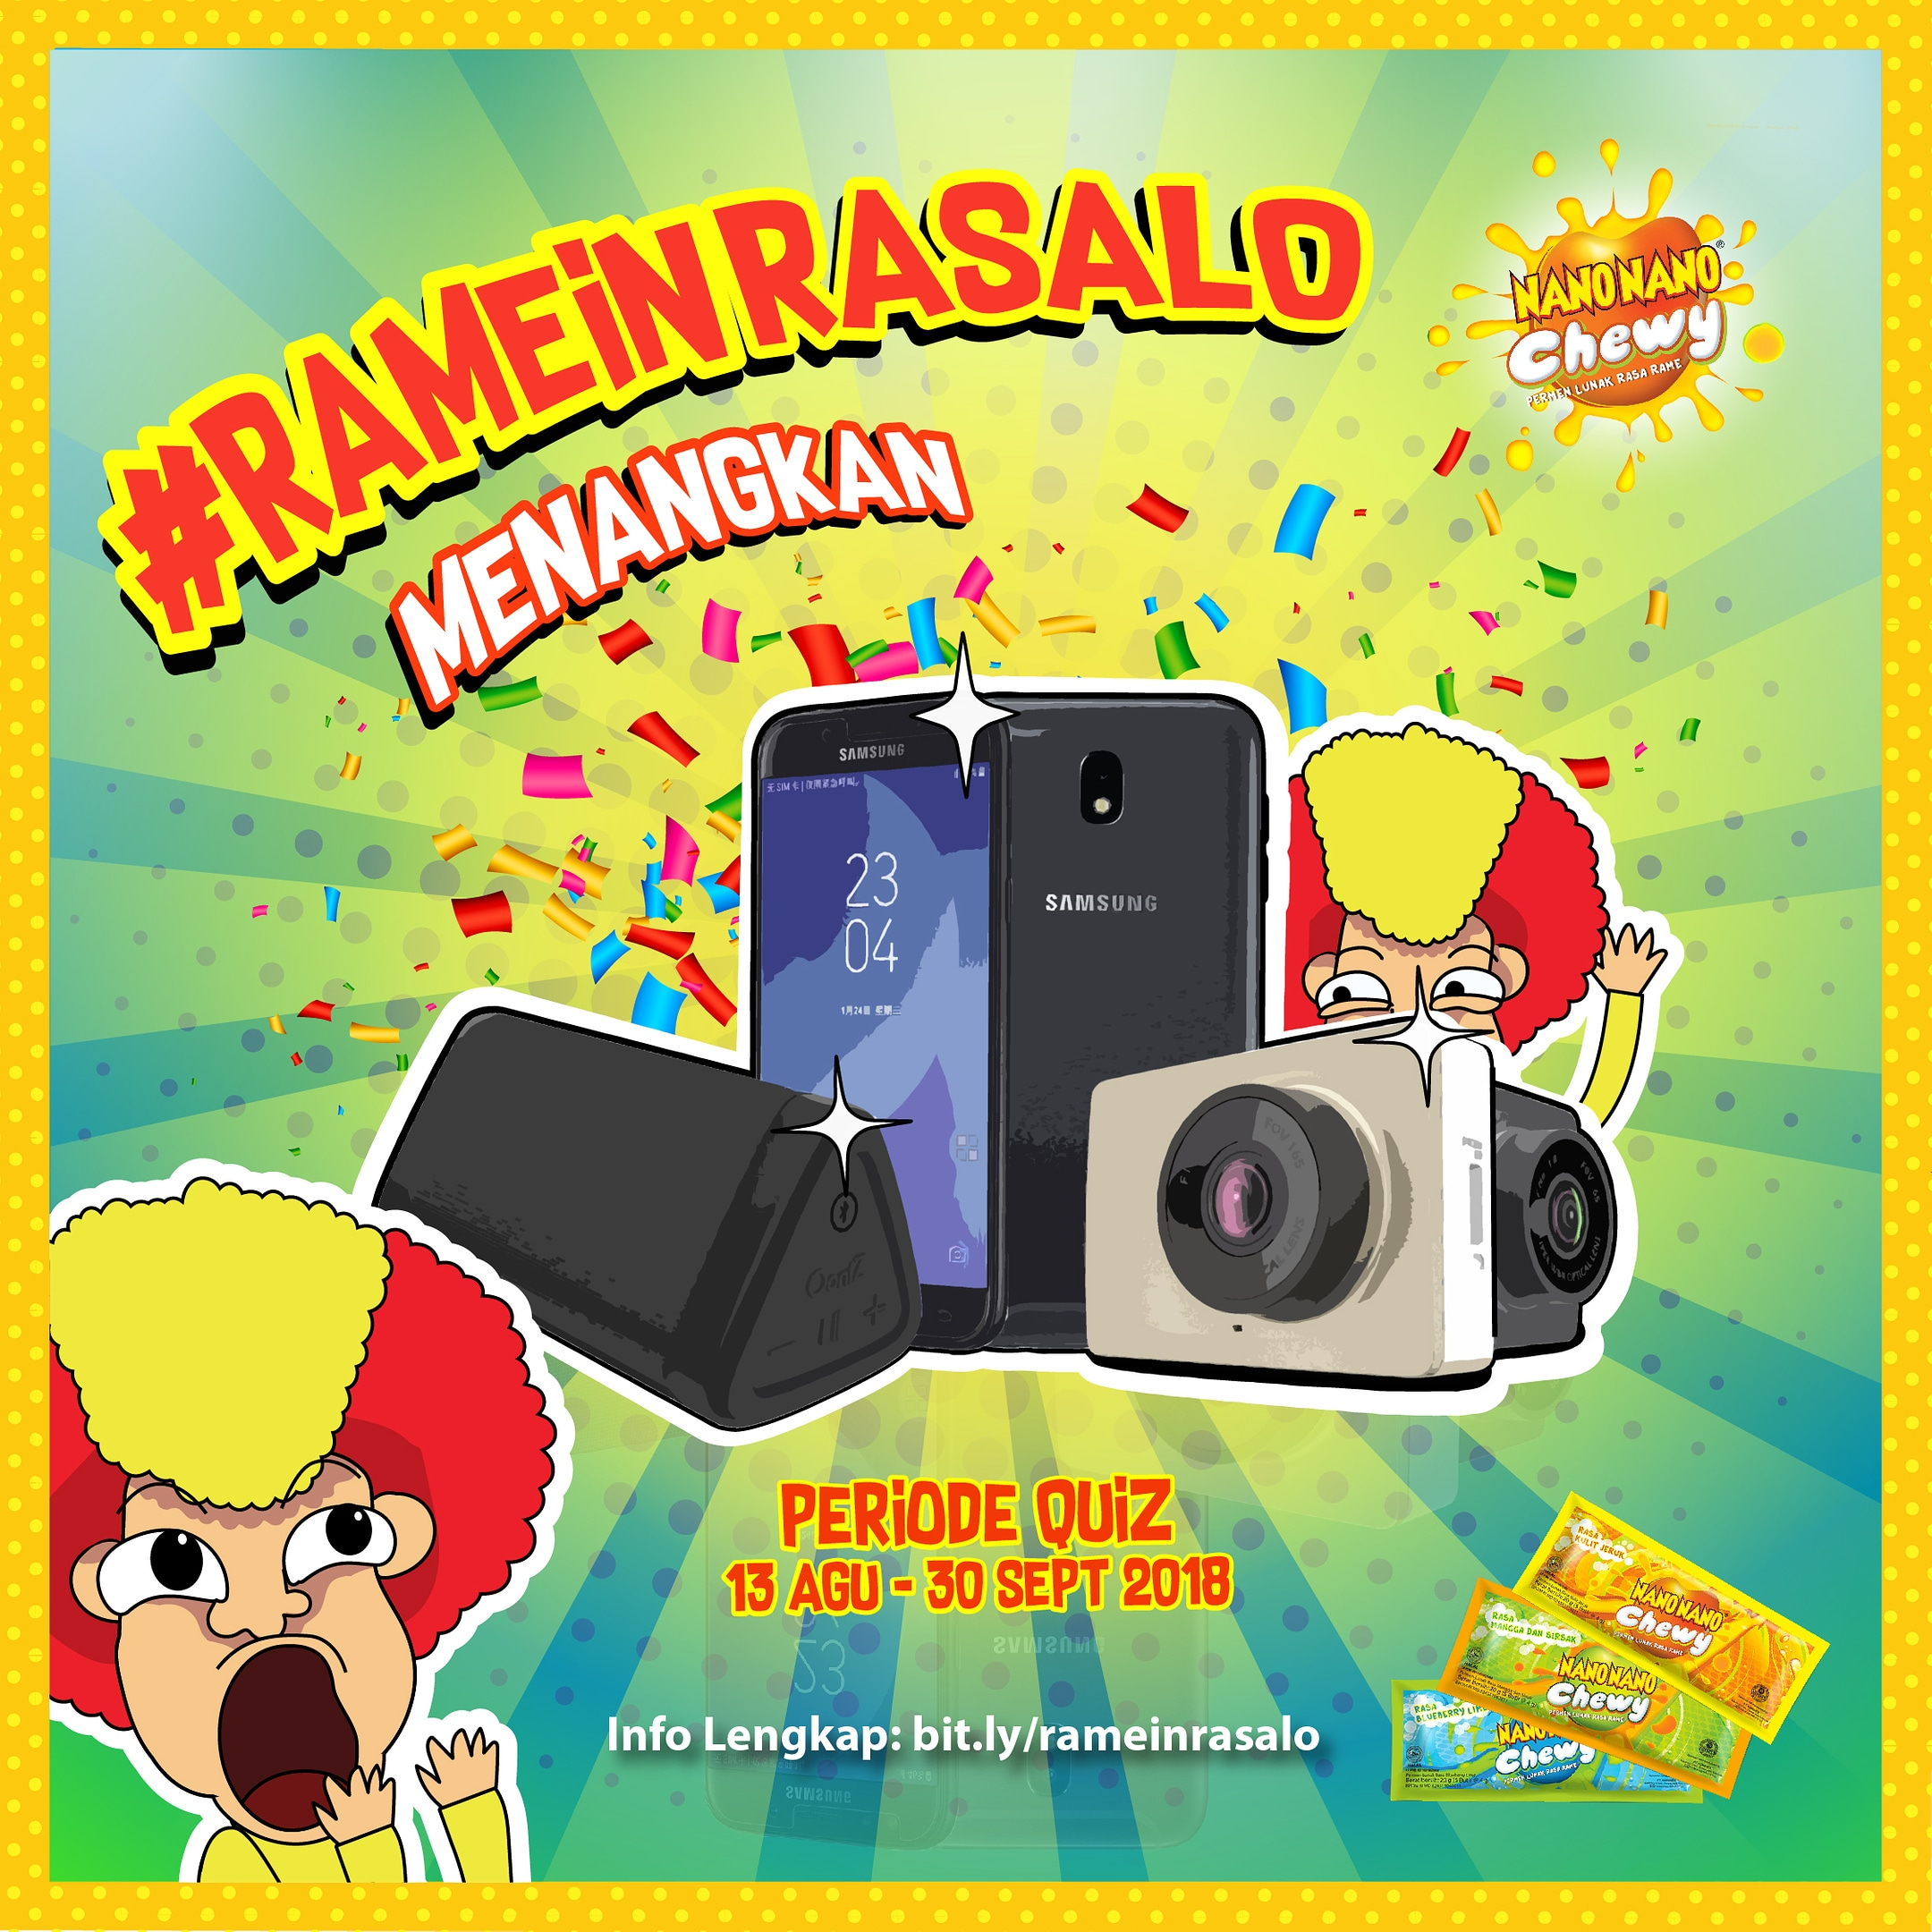 Permen Nano Nano Indonesia - Kuis #RAMEinRasaLo